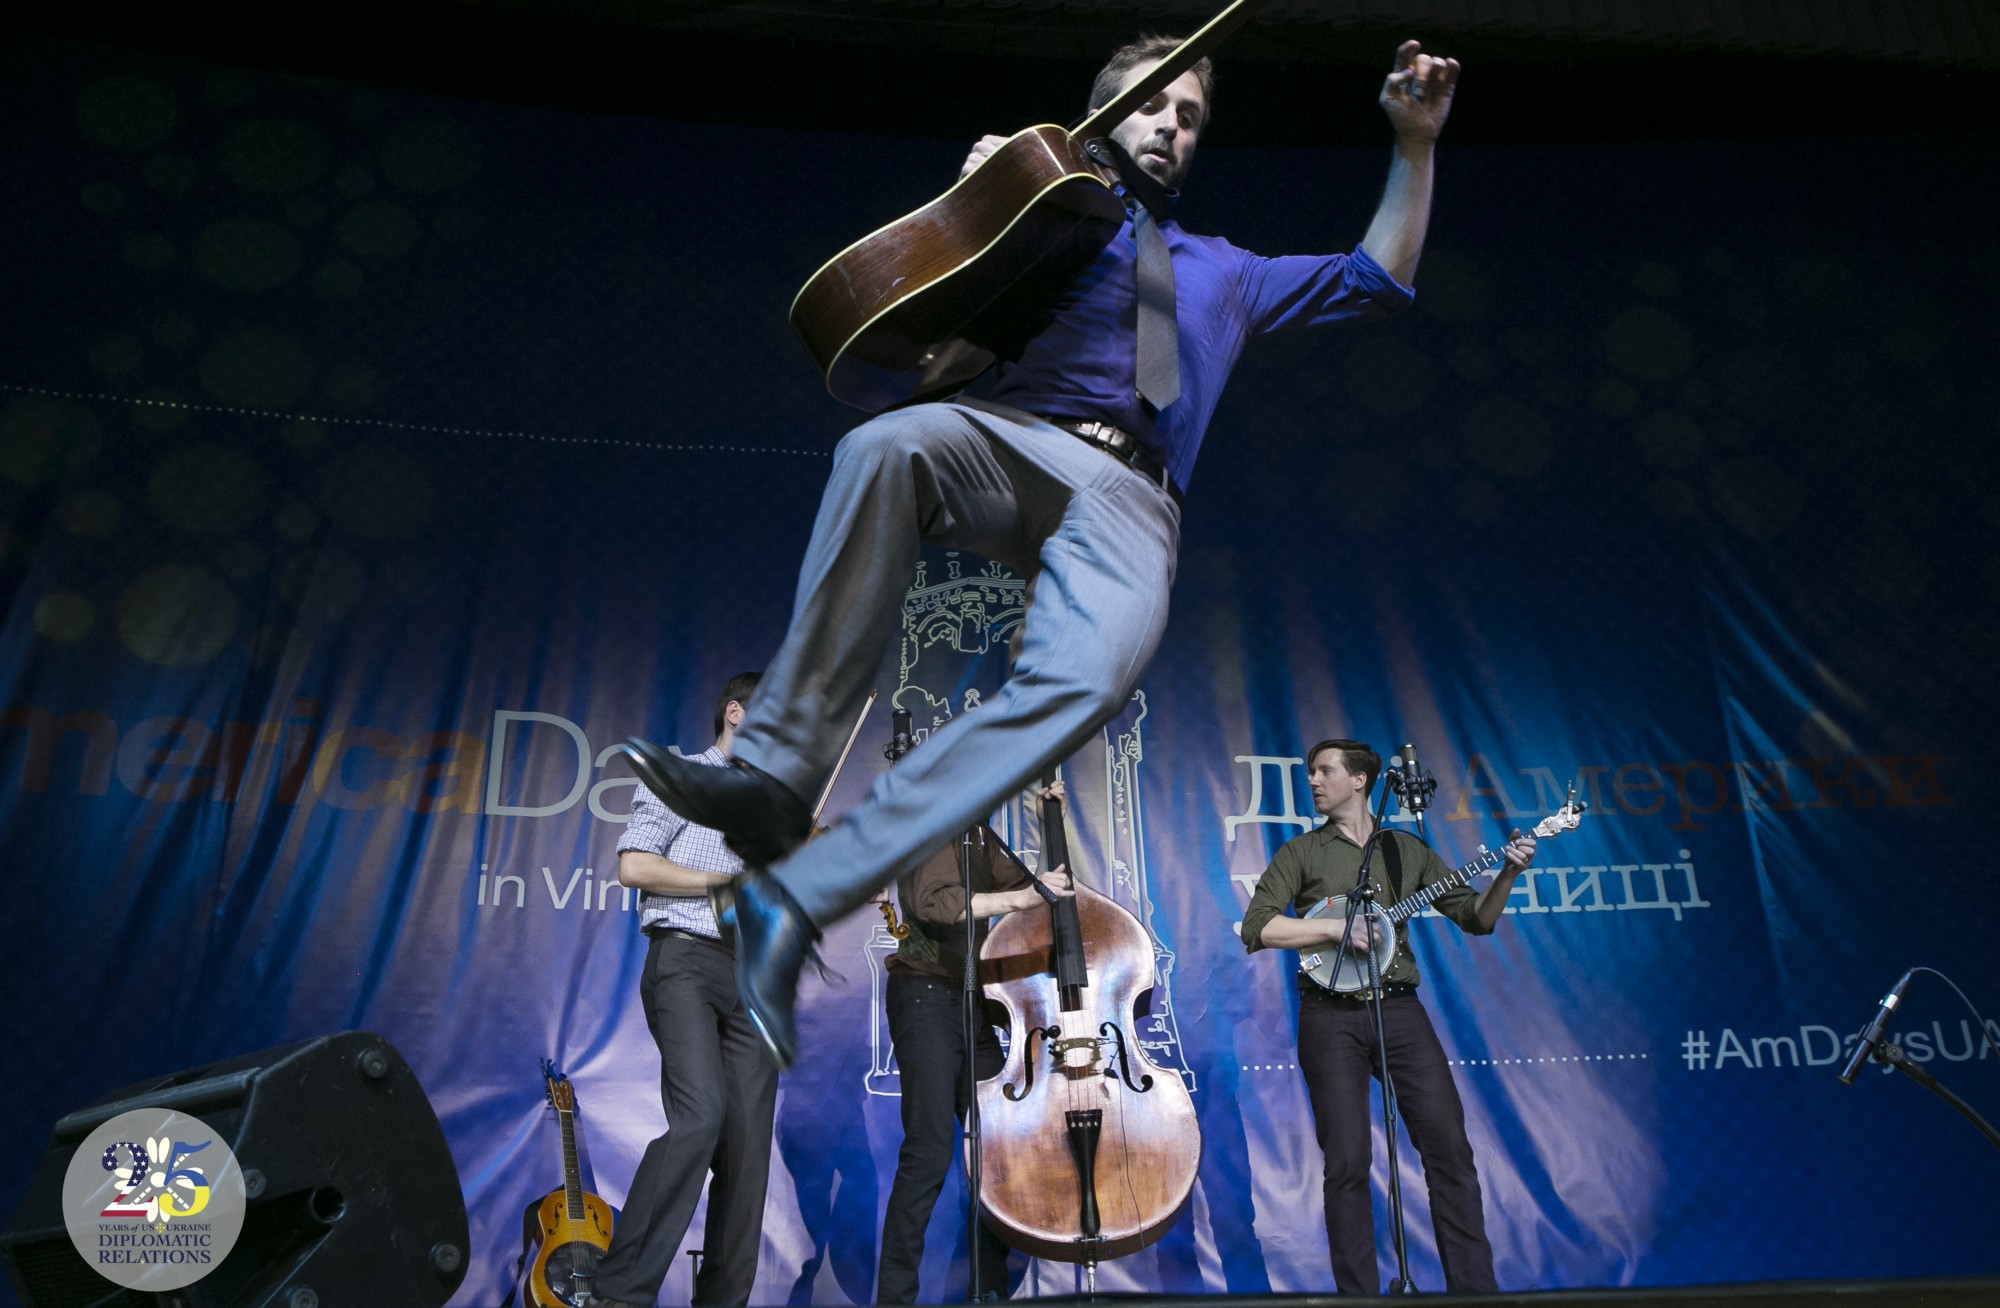 Американская фолк-группа Tumbling Bones с Портленда выступает на фестивале Дни Америки в Виннице, в 2015 году.